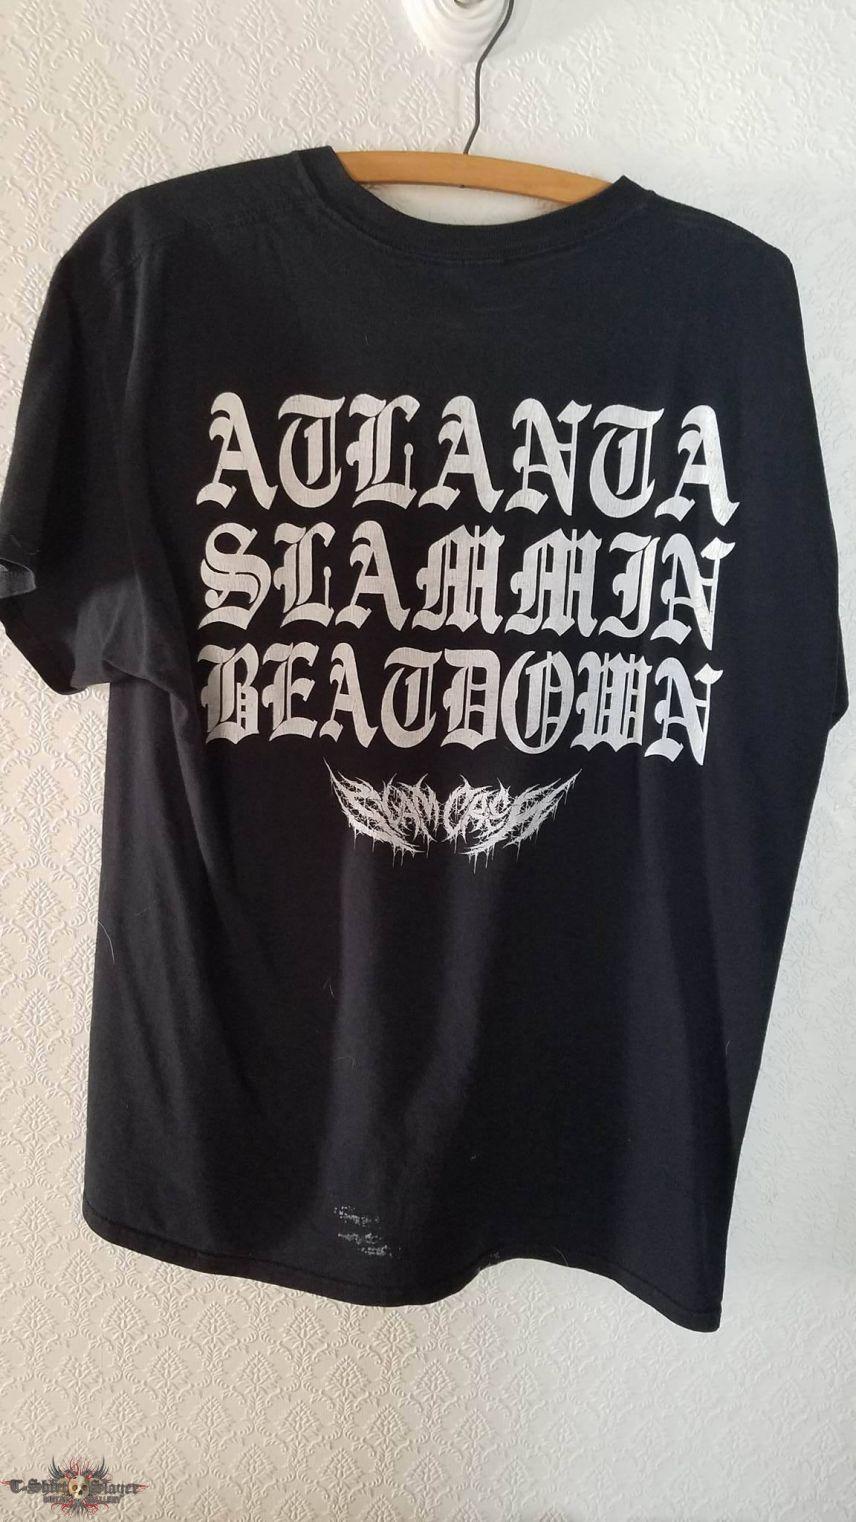 38 Snub Shirt